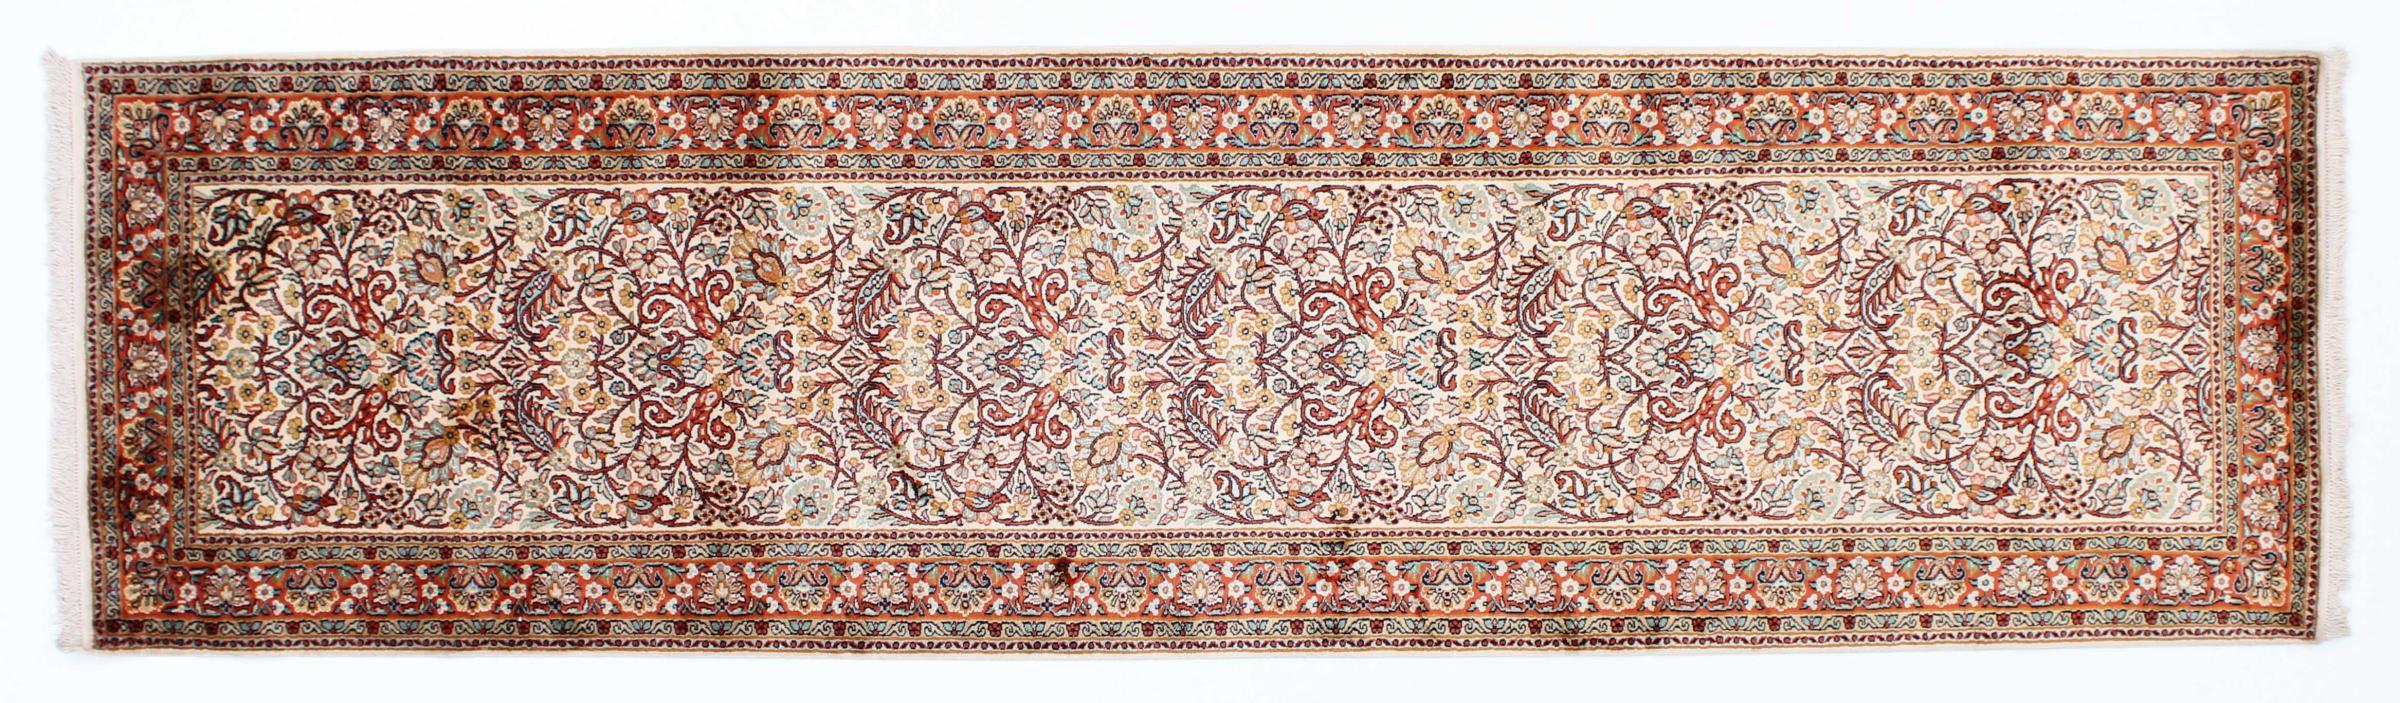 kaschmir reine seide indischer teppich 312x83 id23987. Black Bedroom Furniture Sets. Home Design Ideas